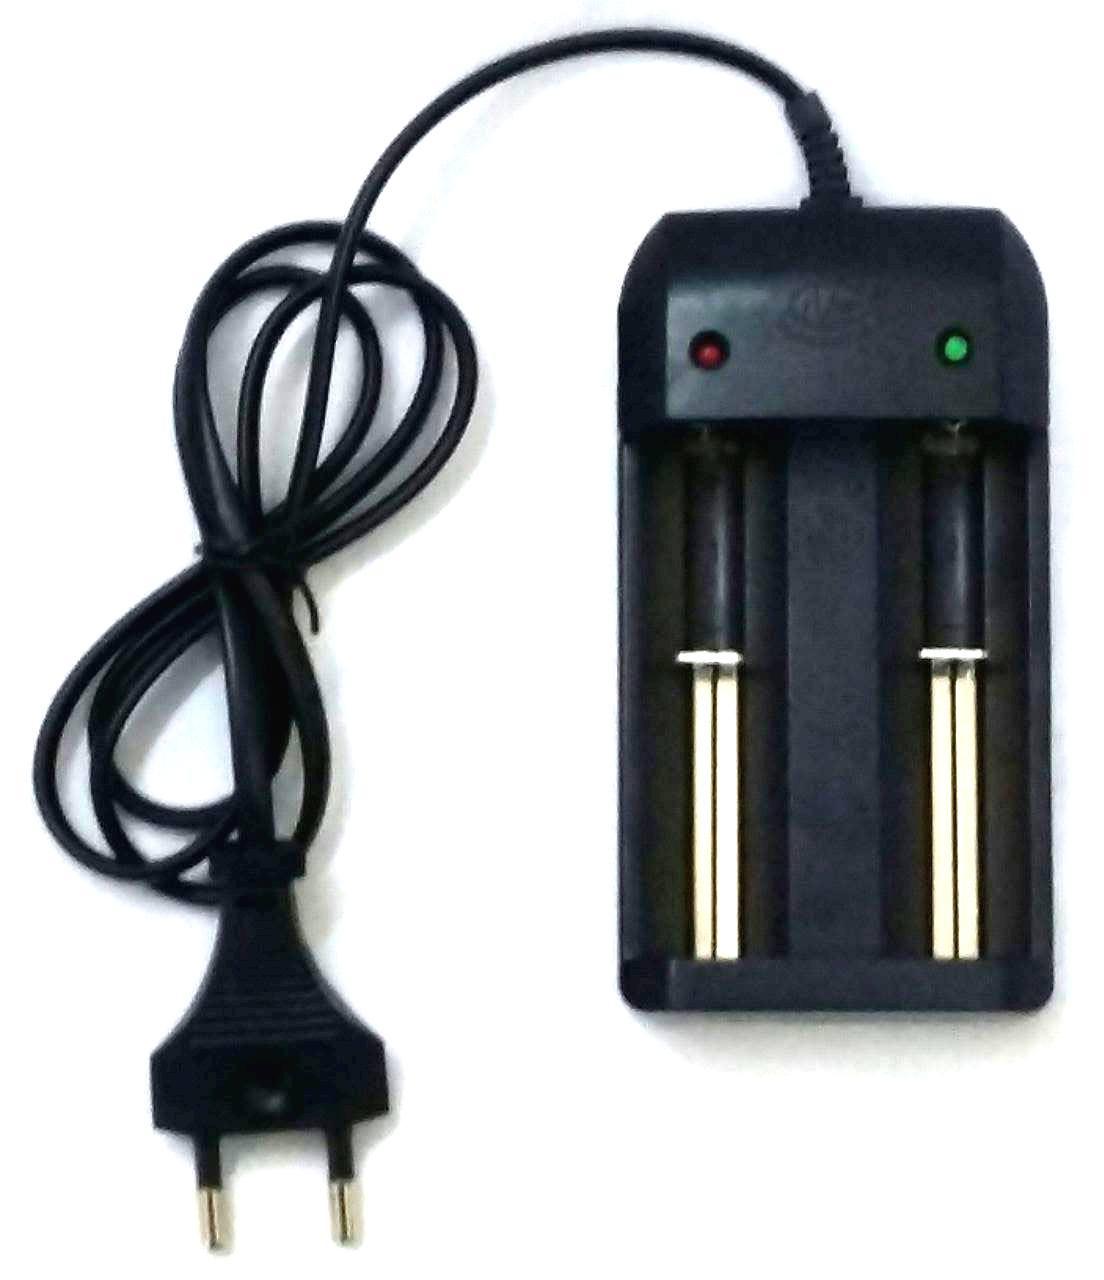 Універсальний зарядний пристрій для акумуляторів Li-ion 3.7v HG-1206Li